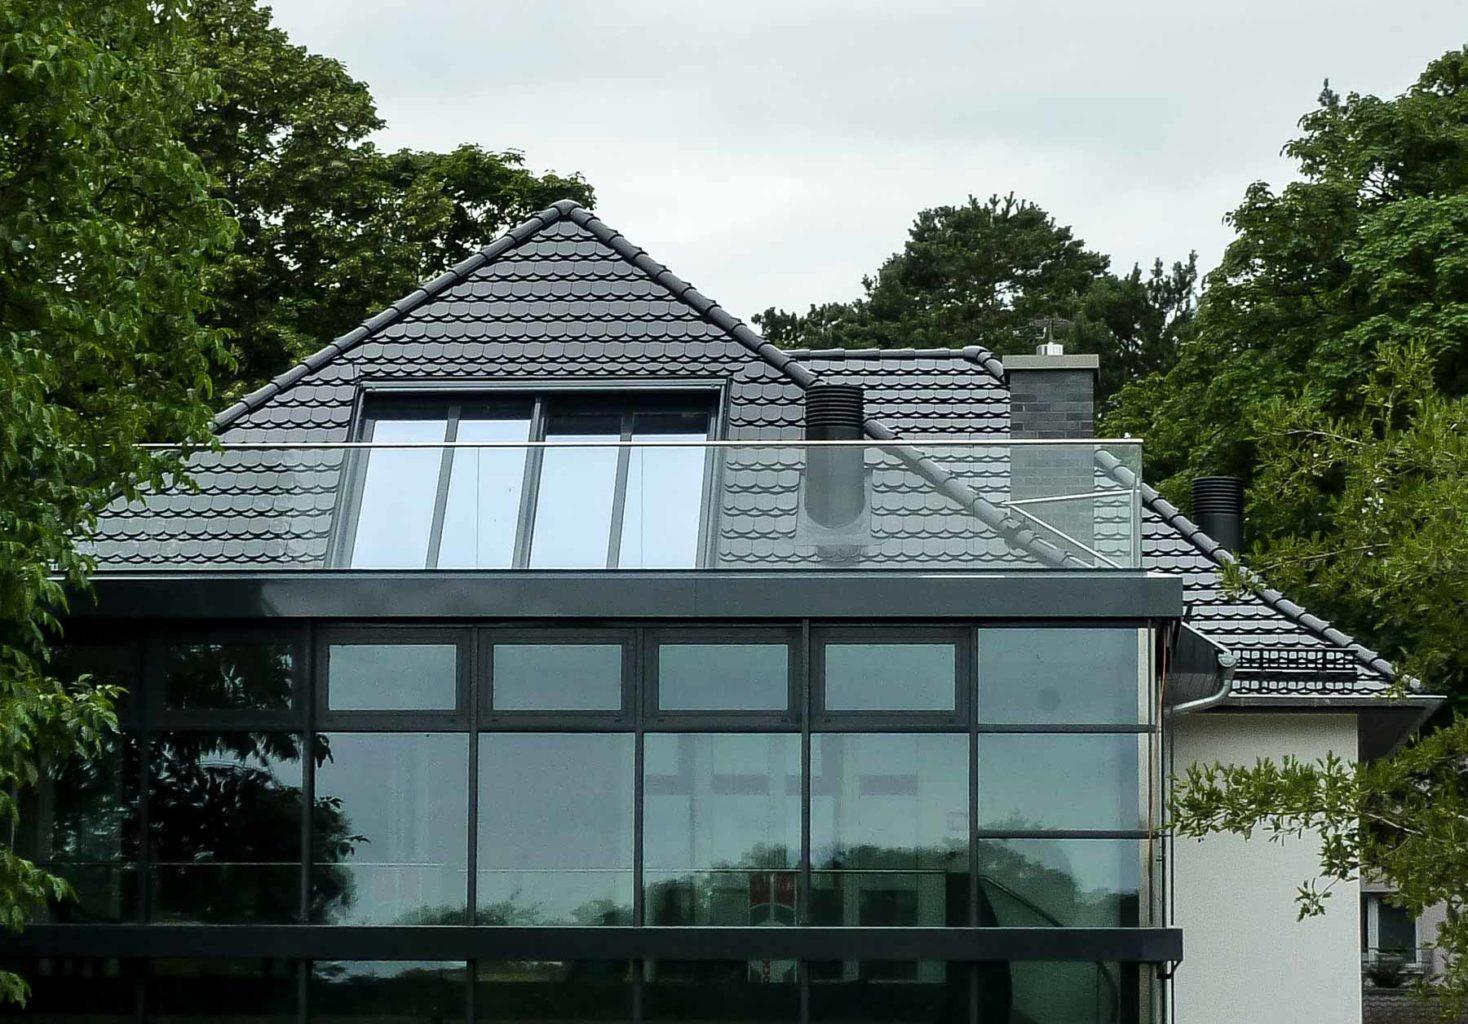 Dachfenster Panorama in Berlin (Objekt 1109). Panorama-Dachschiebefenster als Dachgeschoss-Belichtung und komfortabler Austritt auf die Dachterrasse - flächenbündiger Einbau